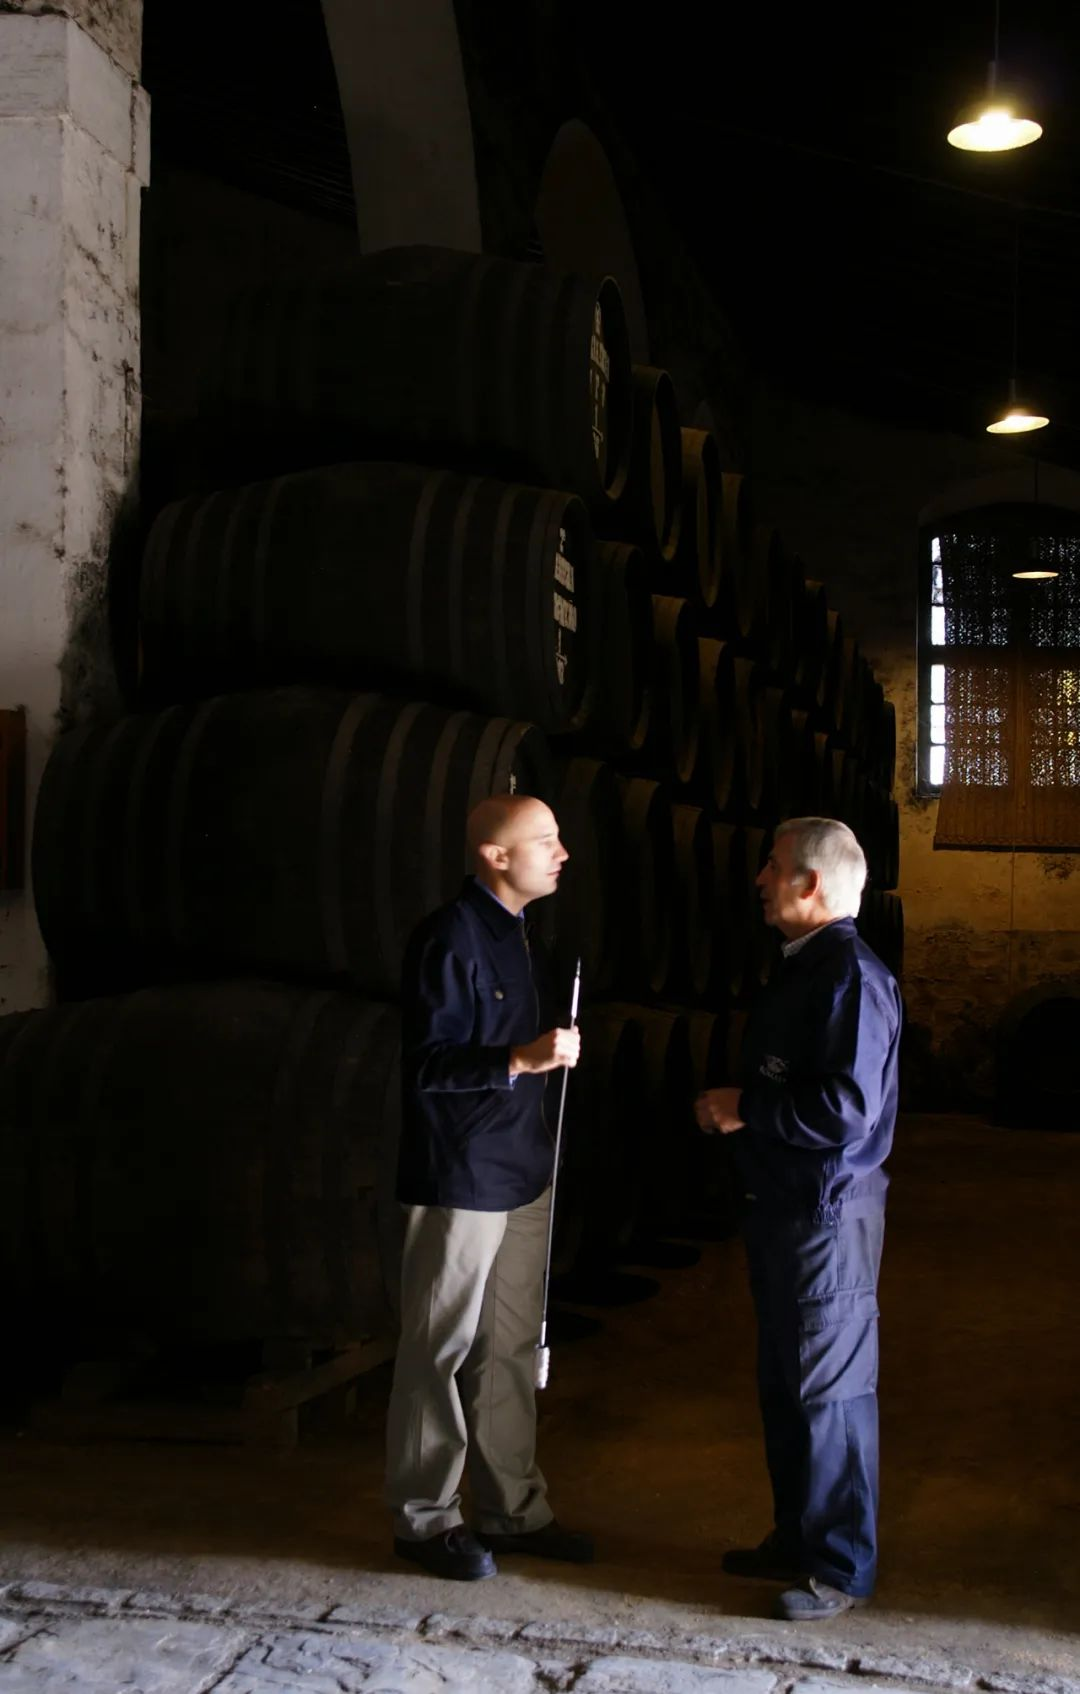 林裕森专栏 | 这种神奇美酒,从前只有元老级葡萄酒作家才有特权喝到